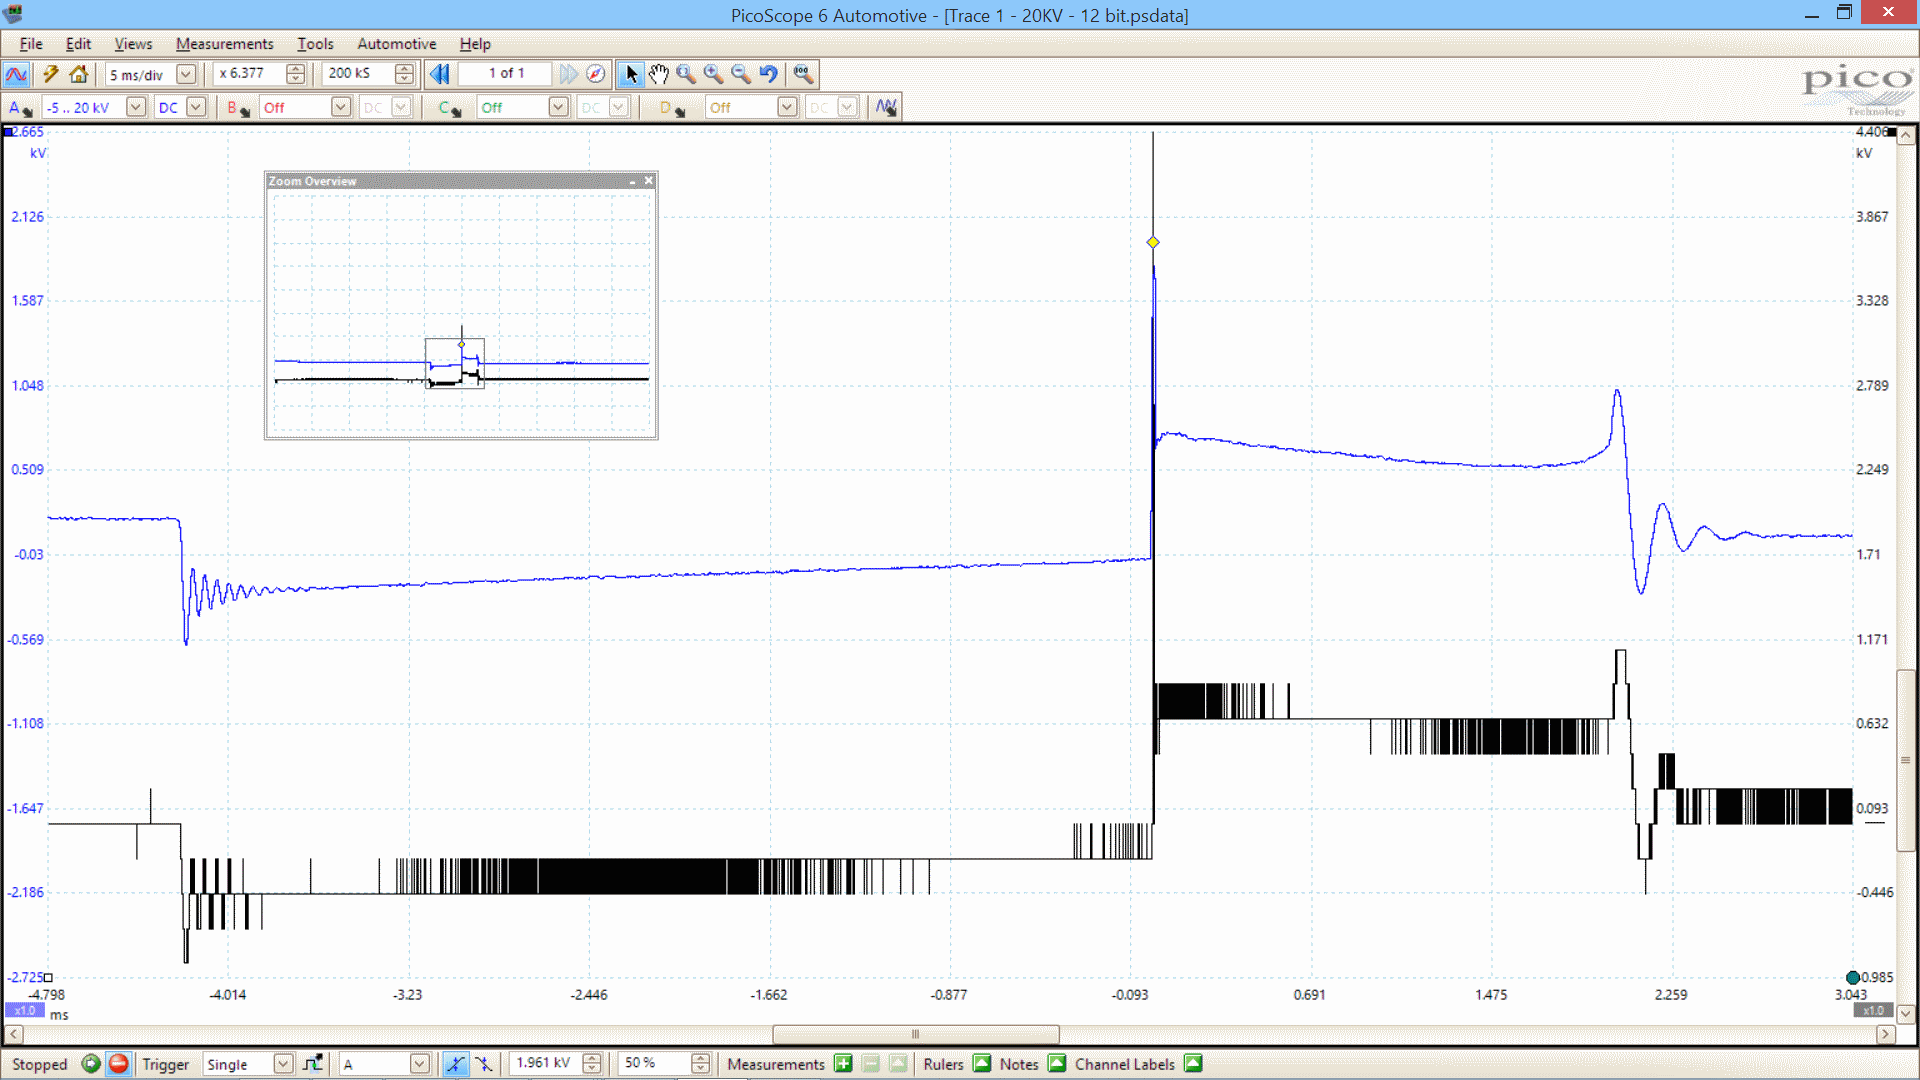 Ignition waveform